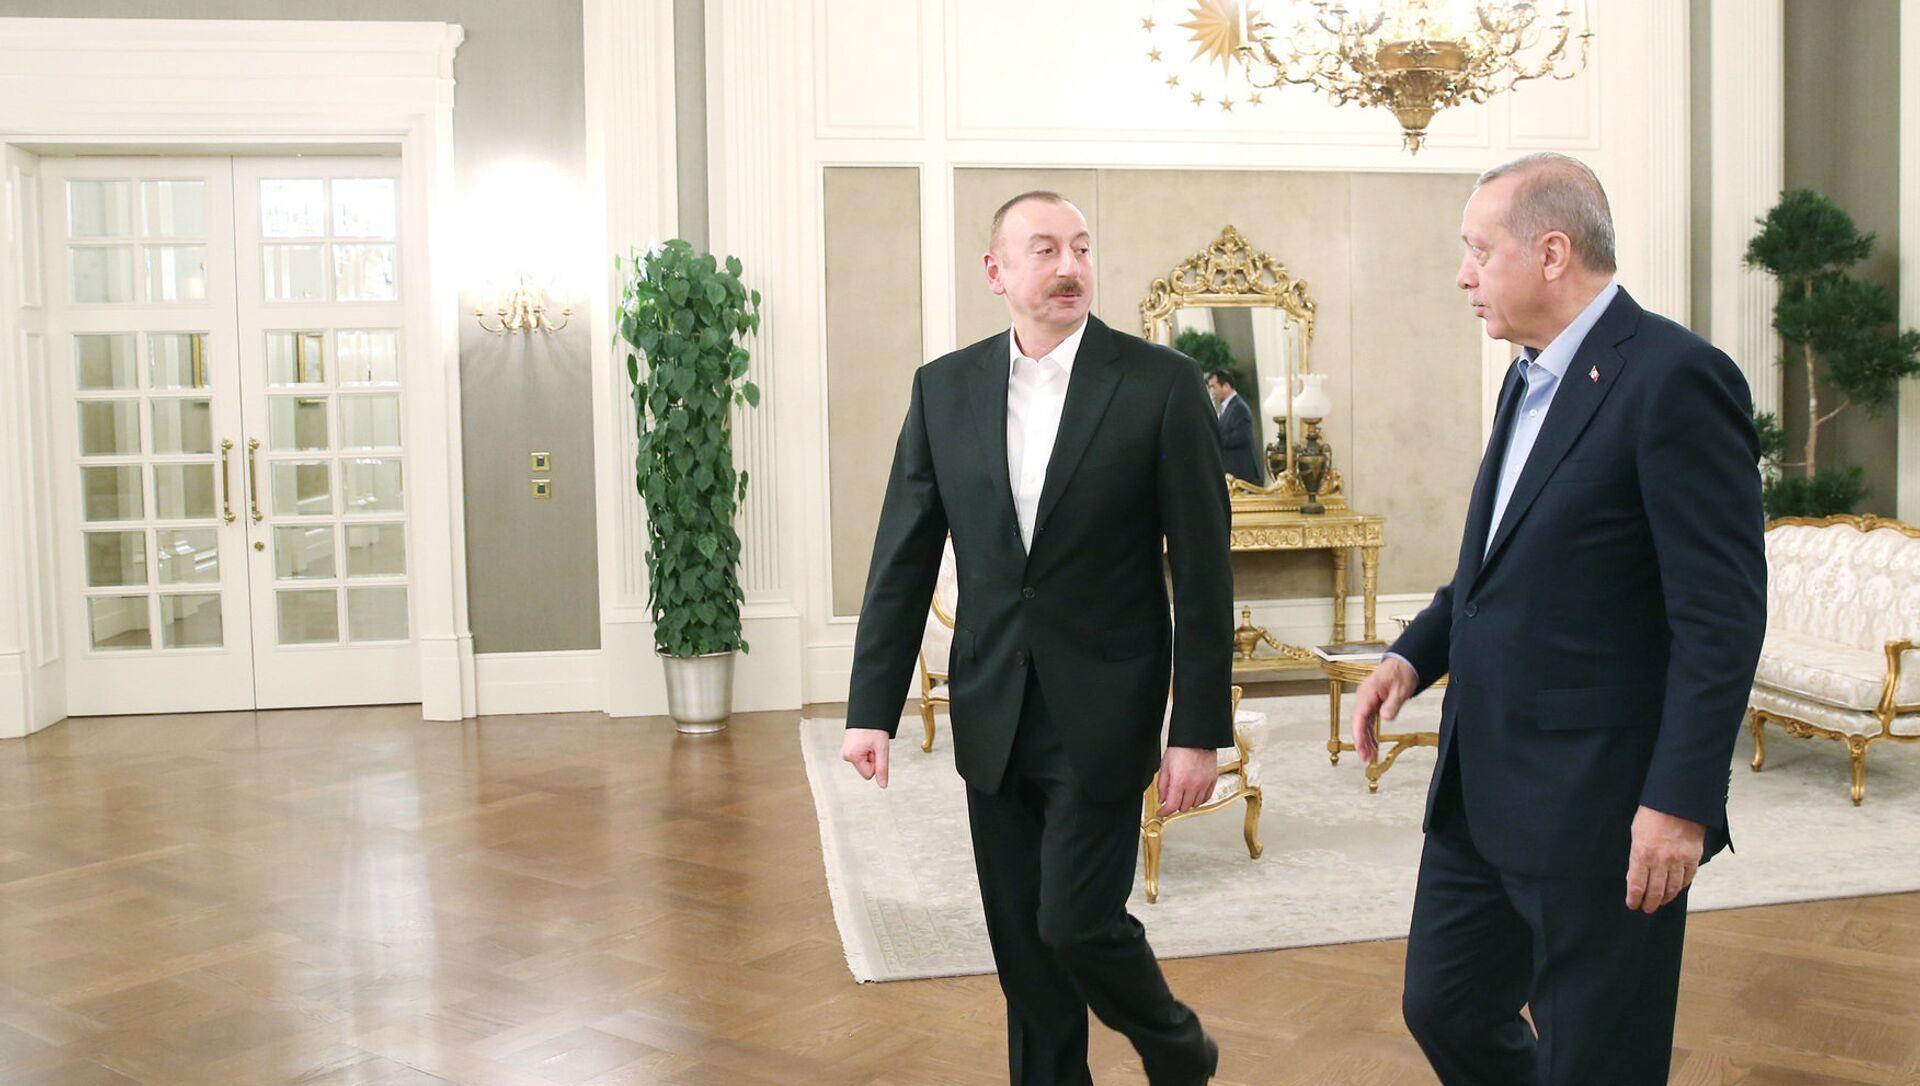 Президенты Турции и Азербайджана Реджеп Тайип Эрдоган и Ильхам Алиев - Sputnik Азербайджан, 1920, 13.08.2021